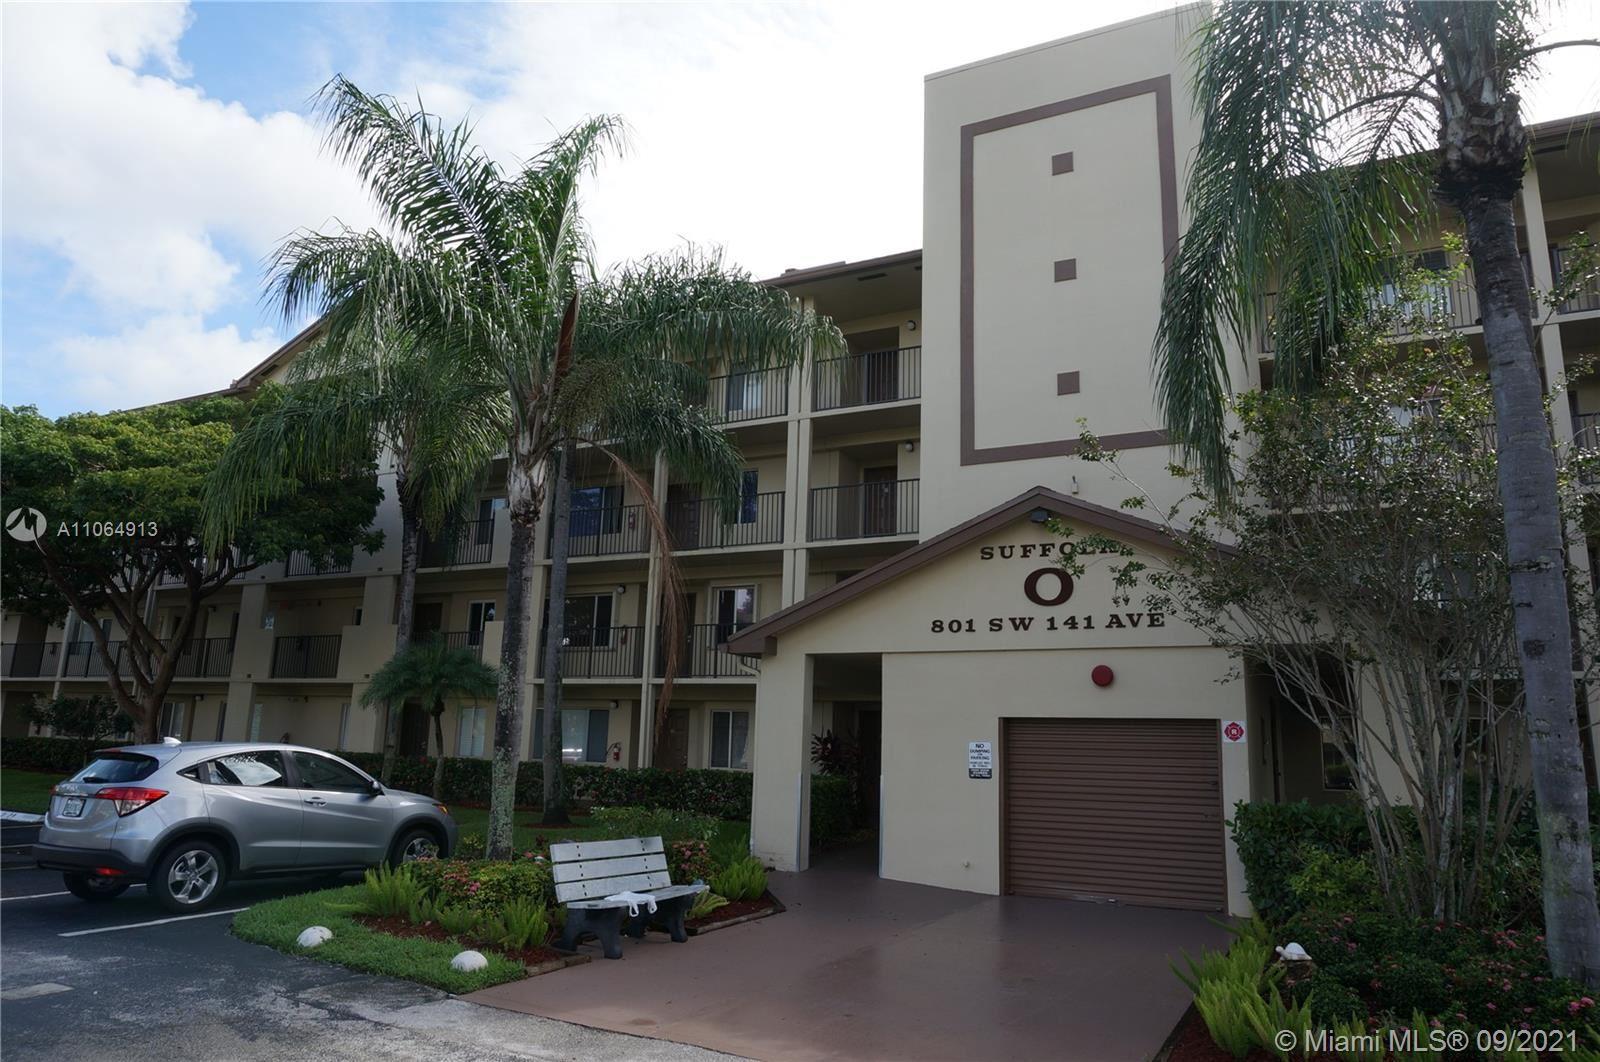 801 SW 141st Ave #304O, Pembroke Pines, FL 33027 - #: A11064913